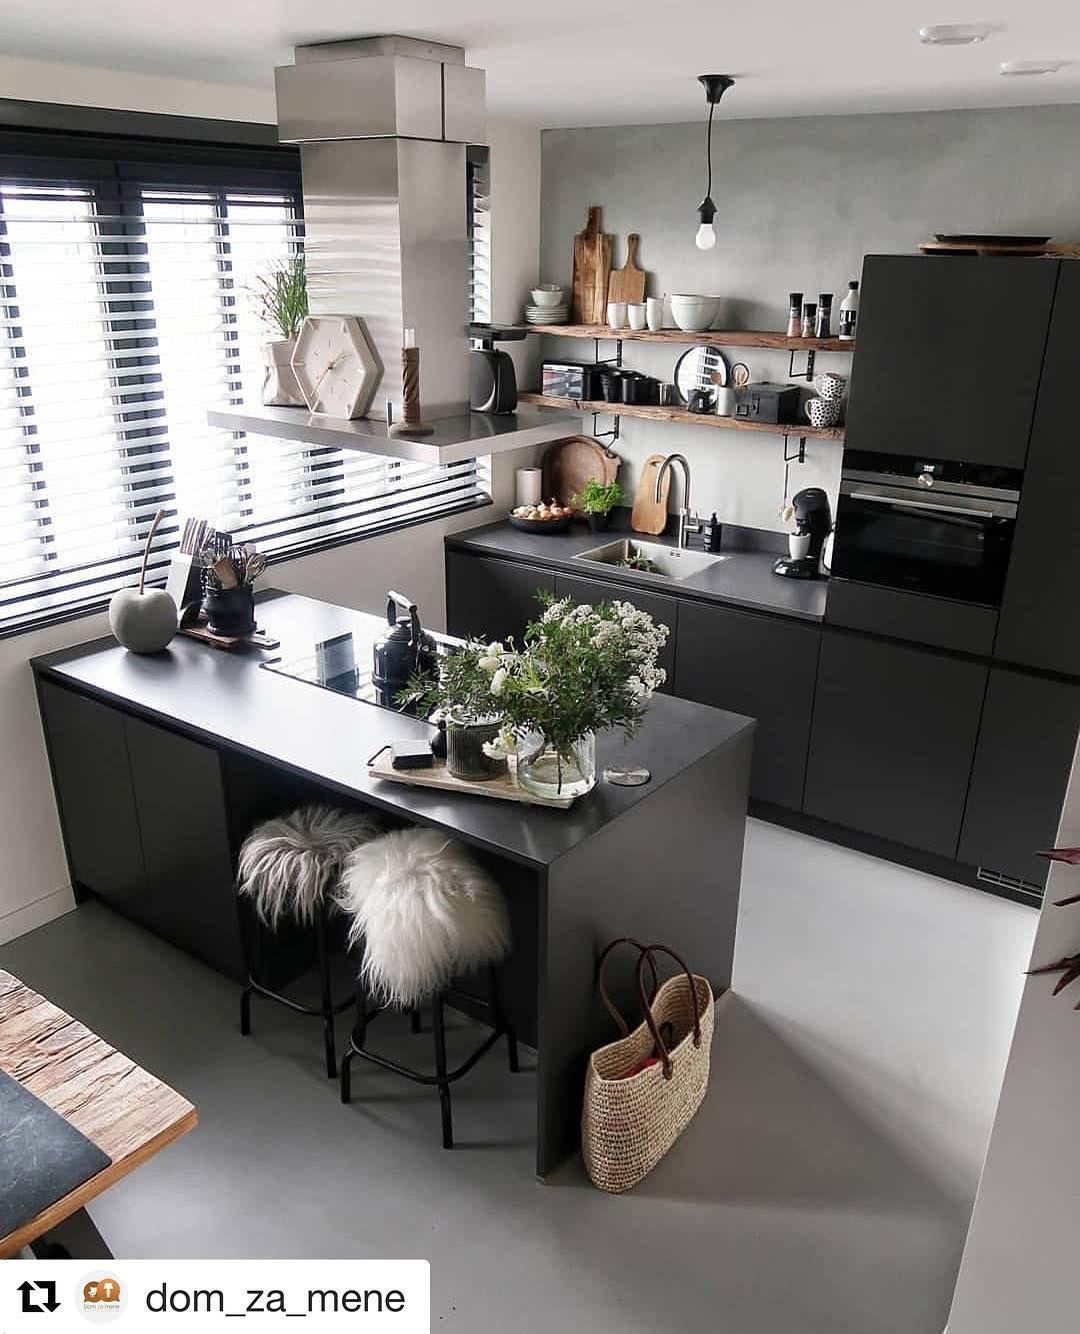 Kuchnia Z Wyspa Czy Bez Nam Do Serca Wpadla Ta Inspiracja Dobroci Dla Was Mieszkanie Wnetrze Inspiracja Czasn Home Decor Kitchen Dining Kitchen